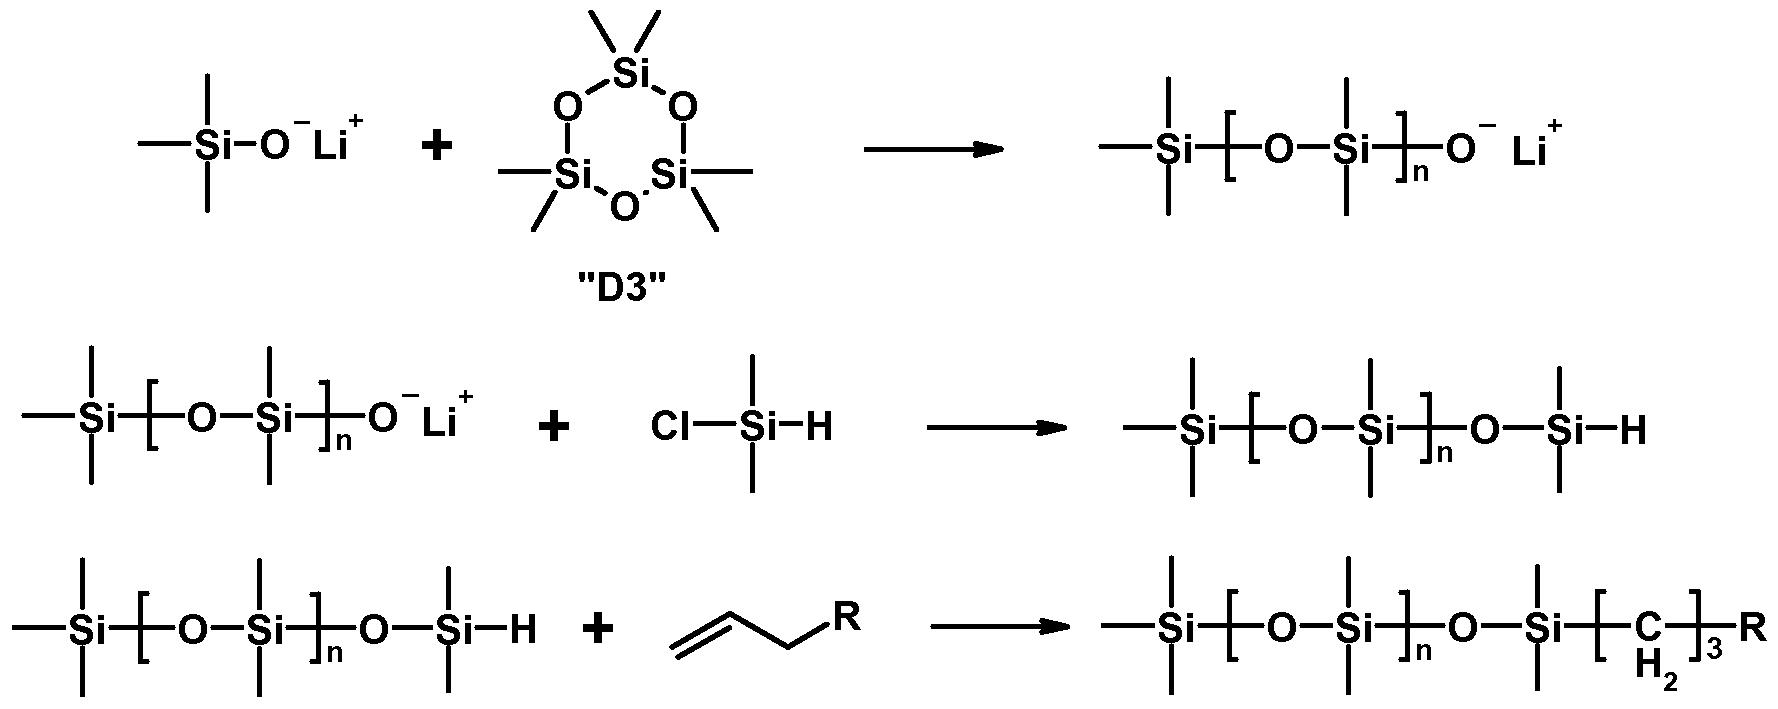 WO2009025924A2 - Anchored polysiloxane-modified polyurethane